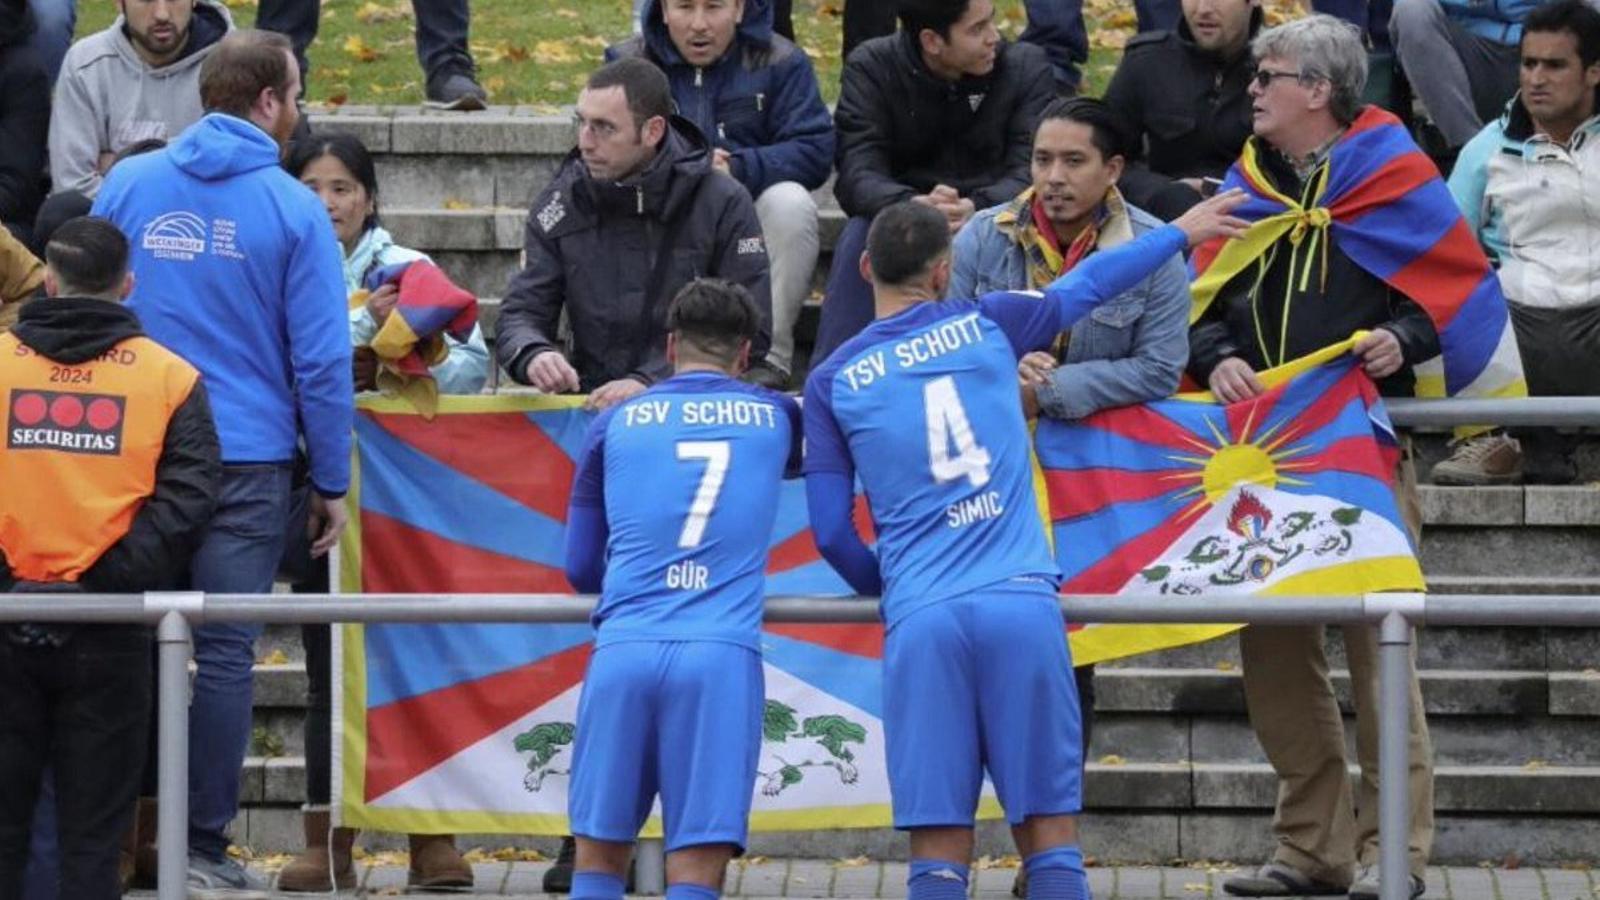 Activistes tibetans protestant per la presència de la selecció xinesa